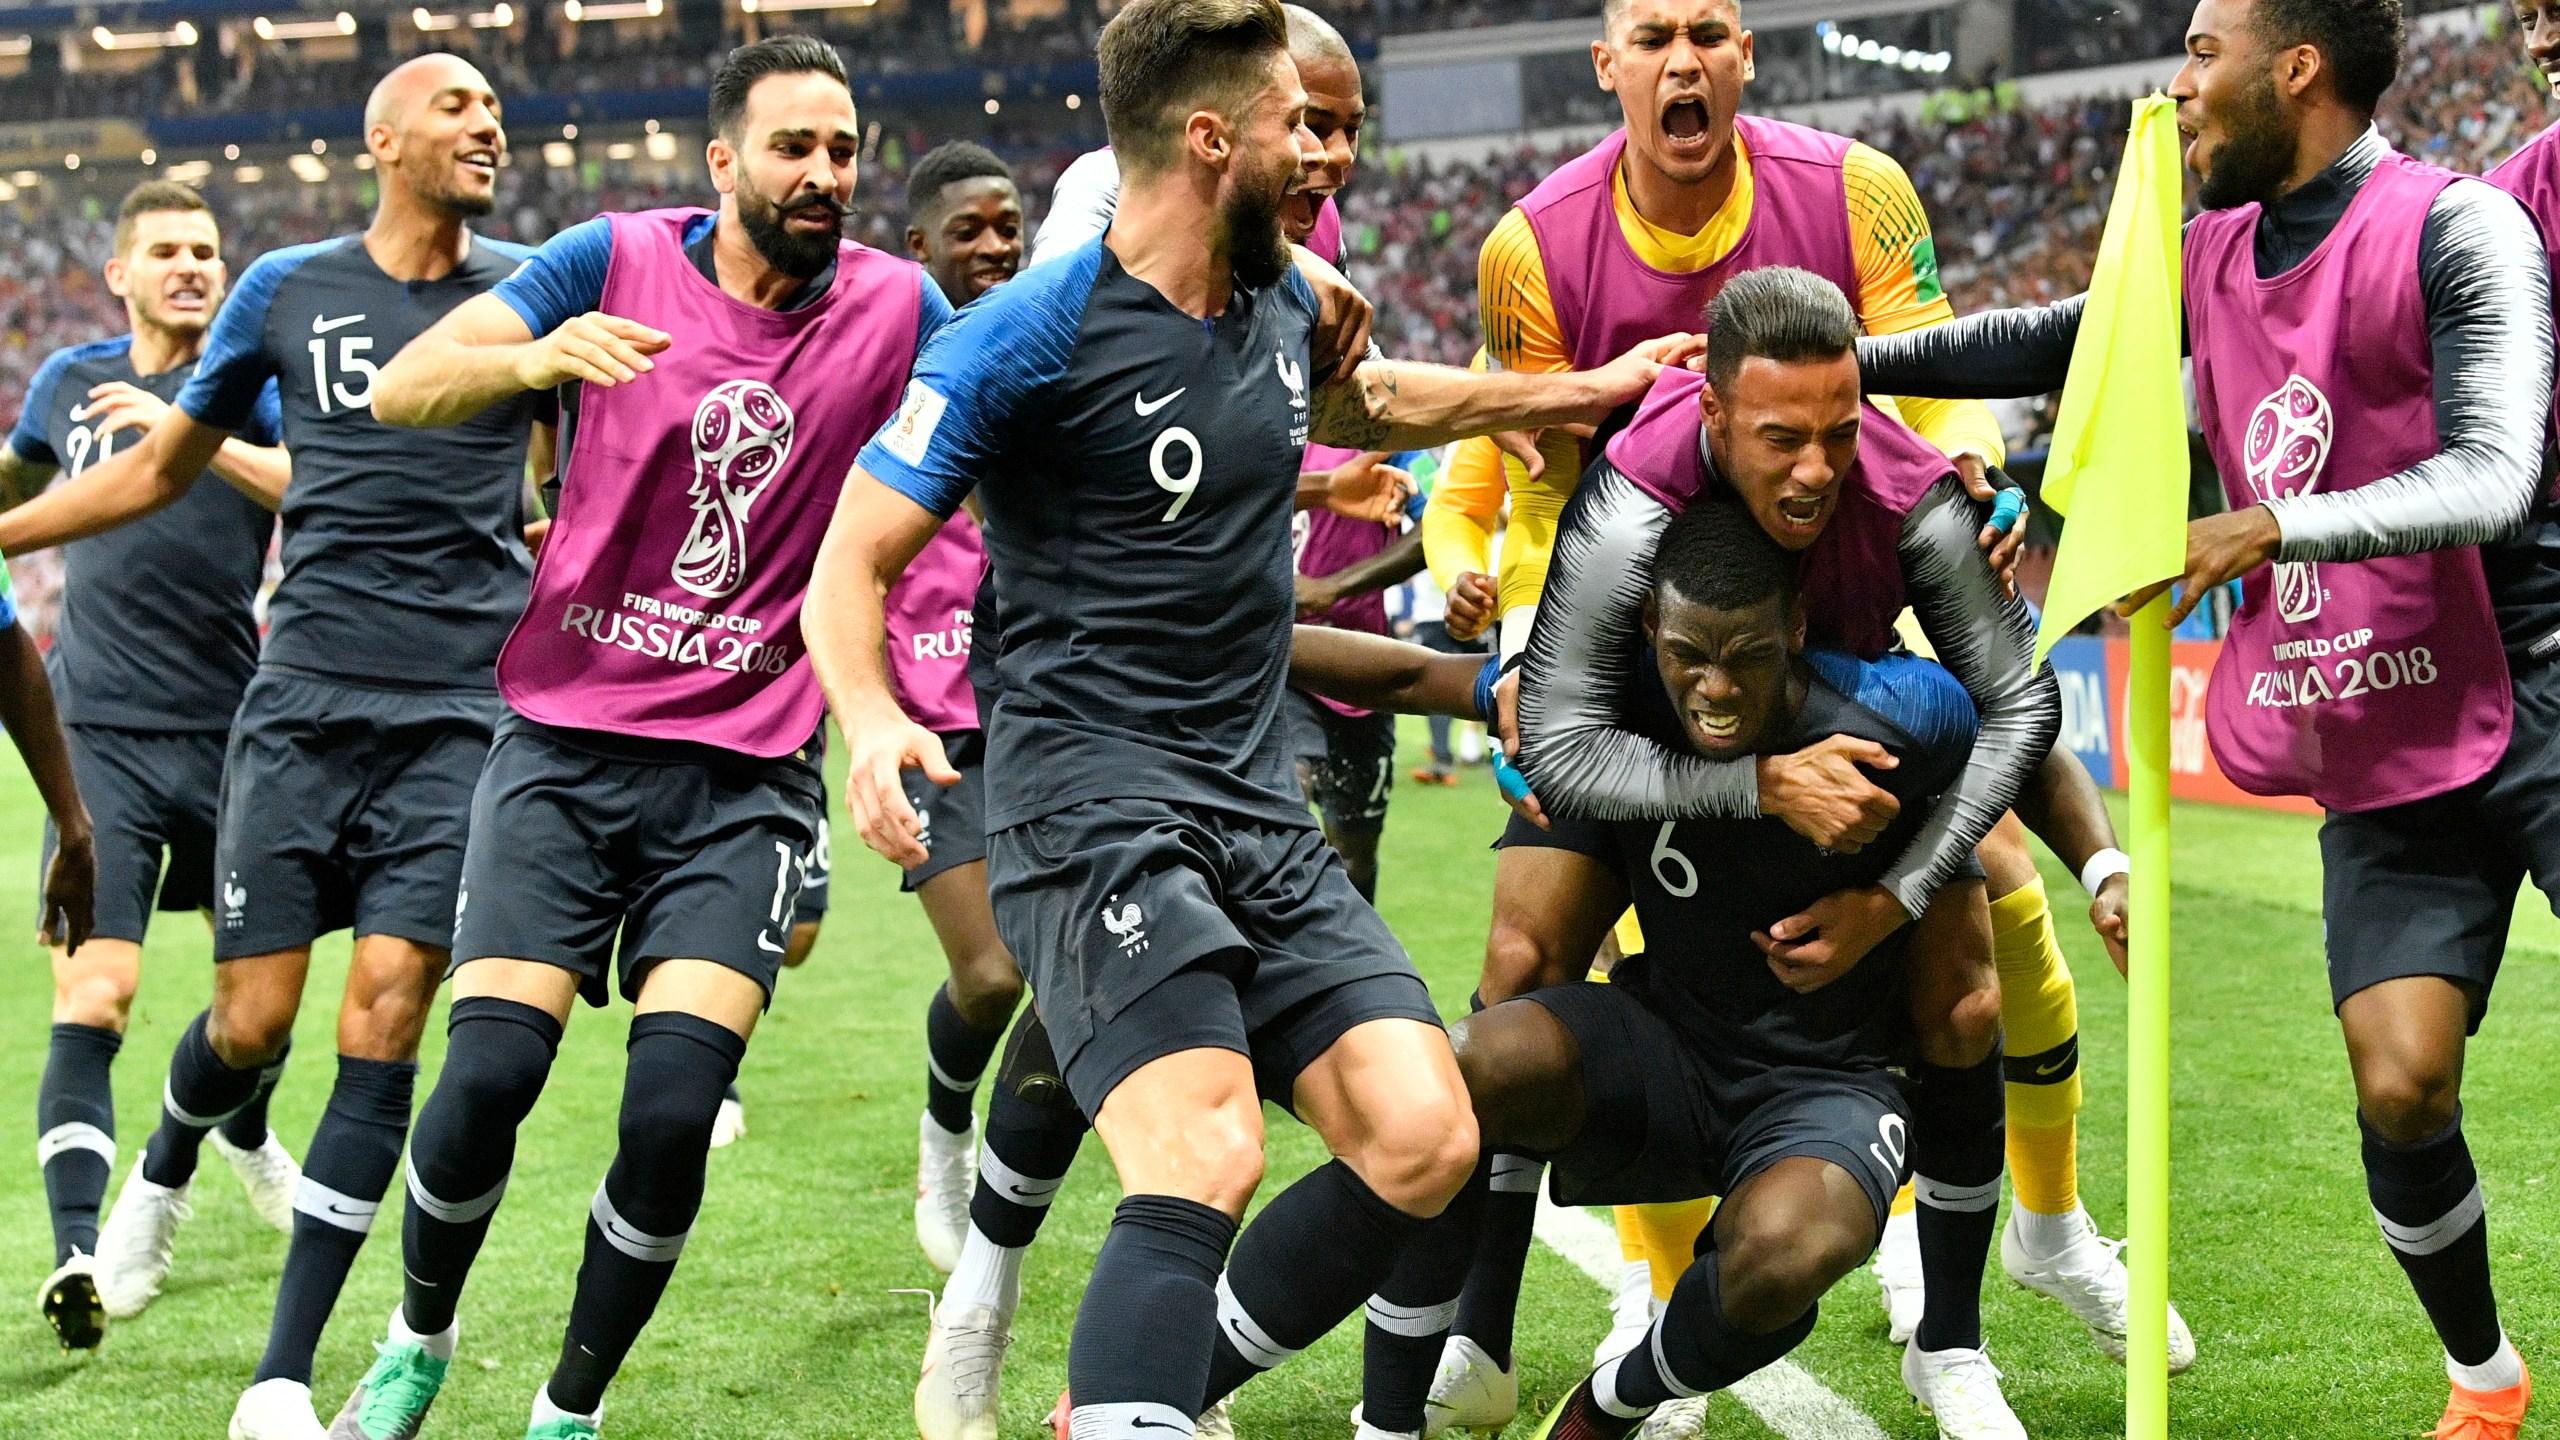 Russia_Soccer_WCup_France_Croatia_86902-159532.jpg87606017